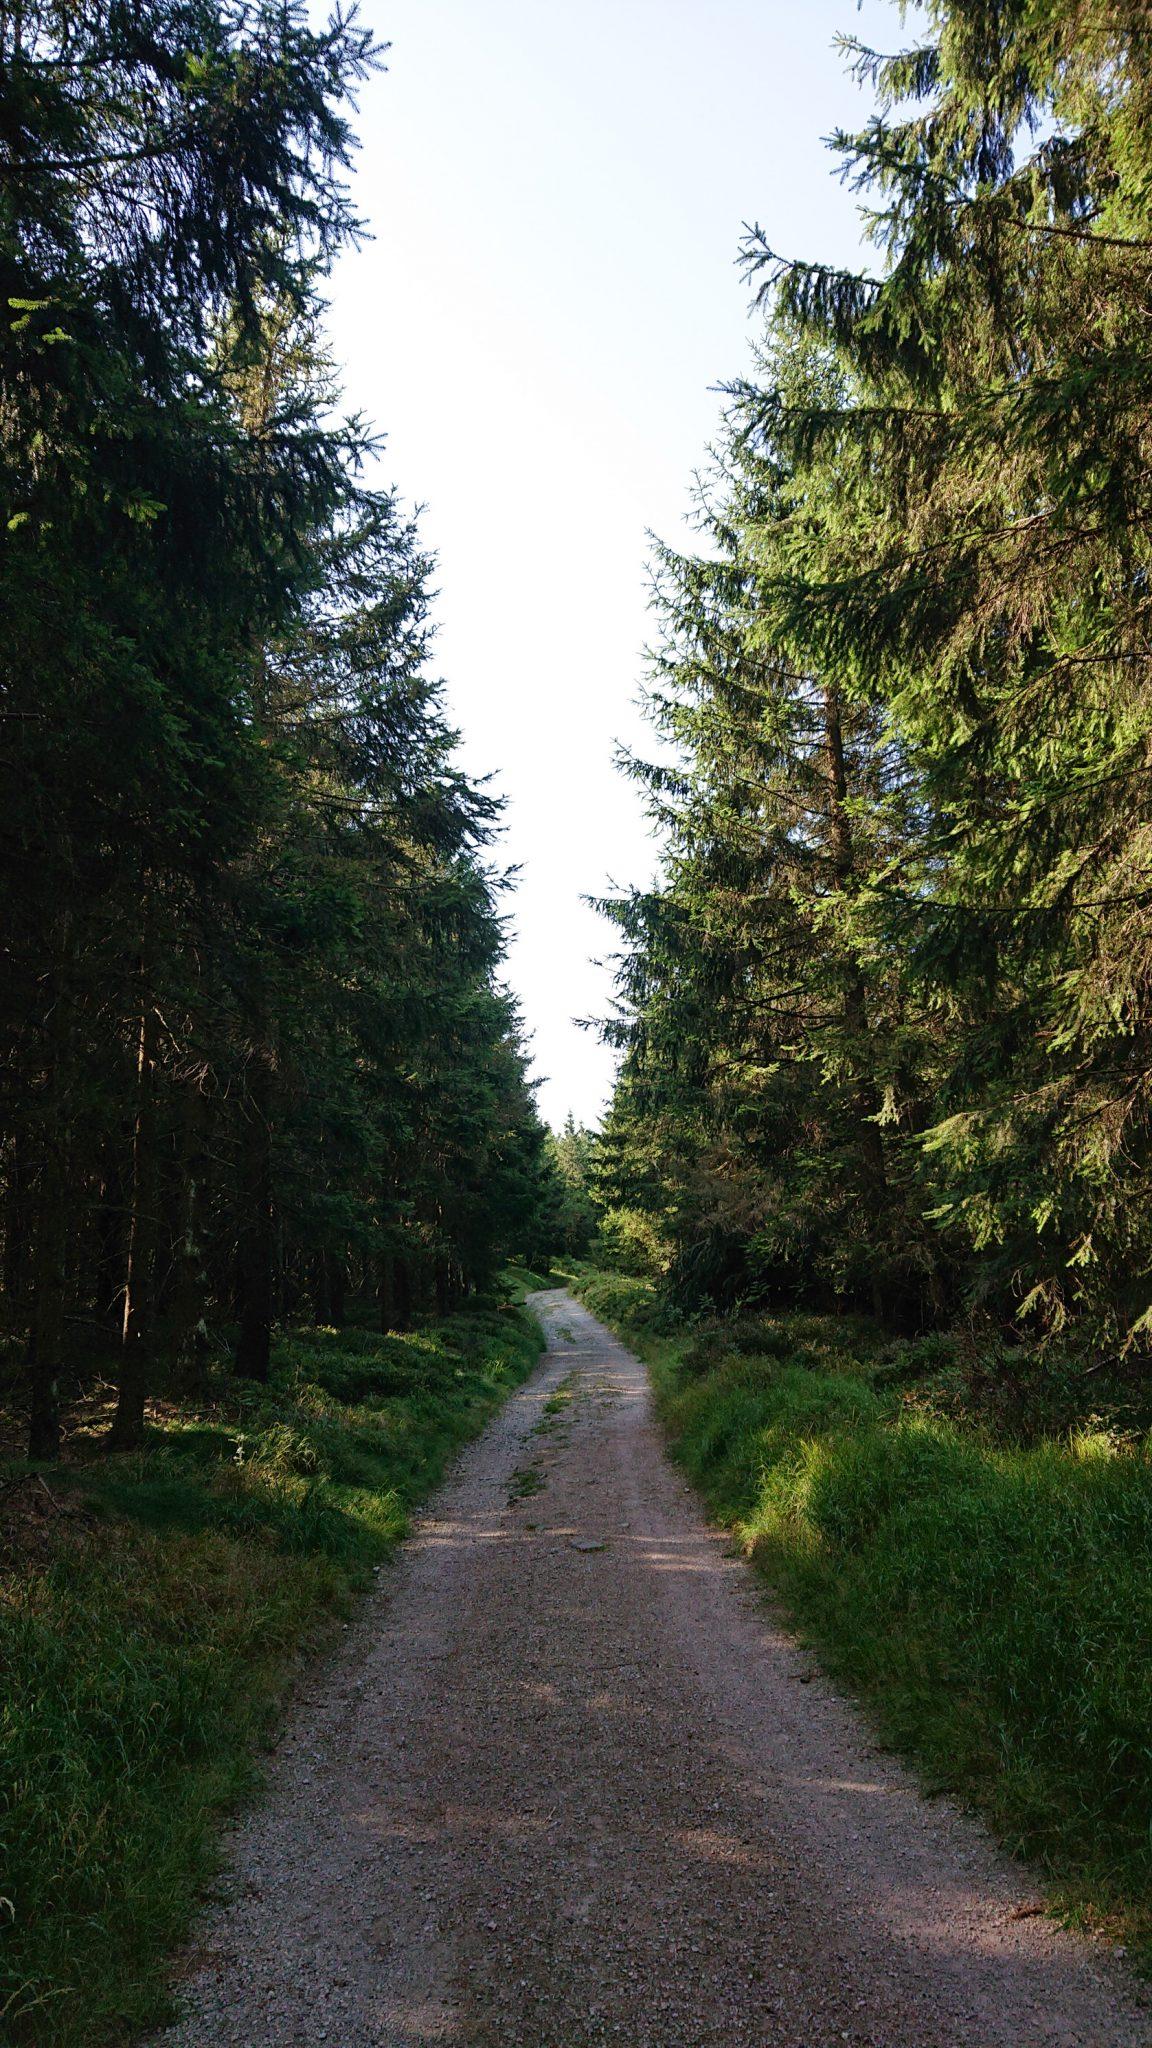 Großer Beerberg Schneekopf und Teufelskanzel, Gipfeltour Wanderung im Thüringer Wald, Weg umringt von meist Nadelbäumen